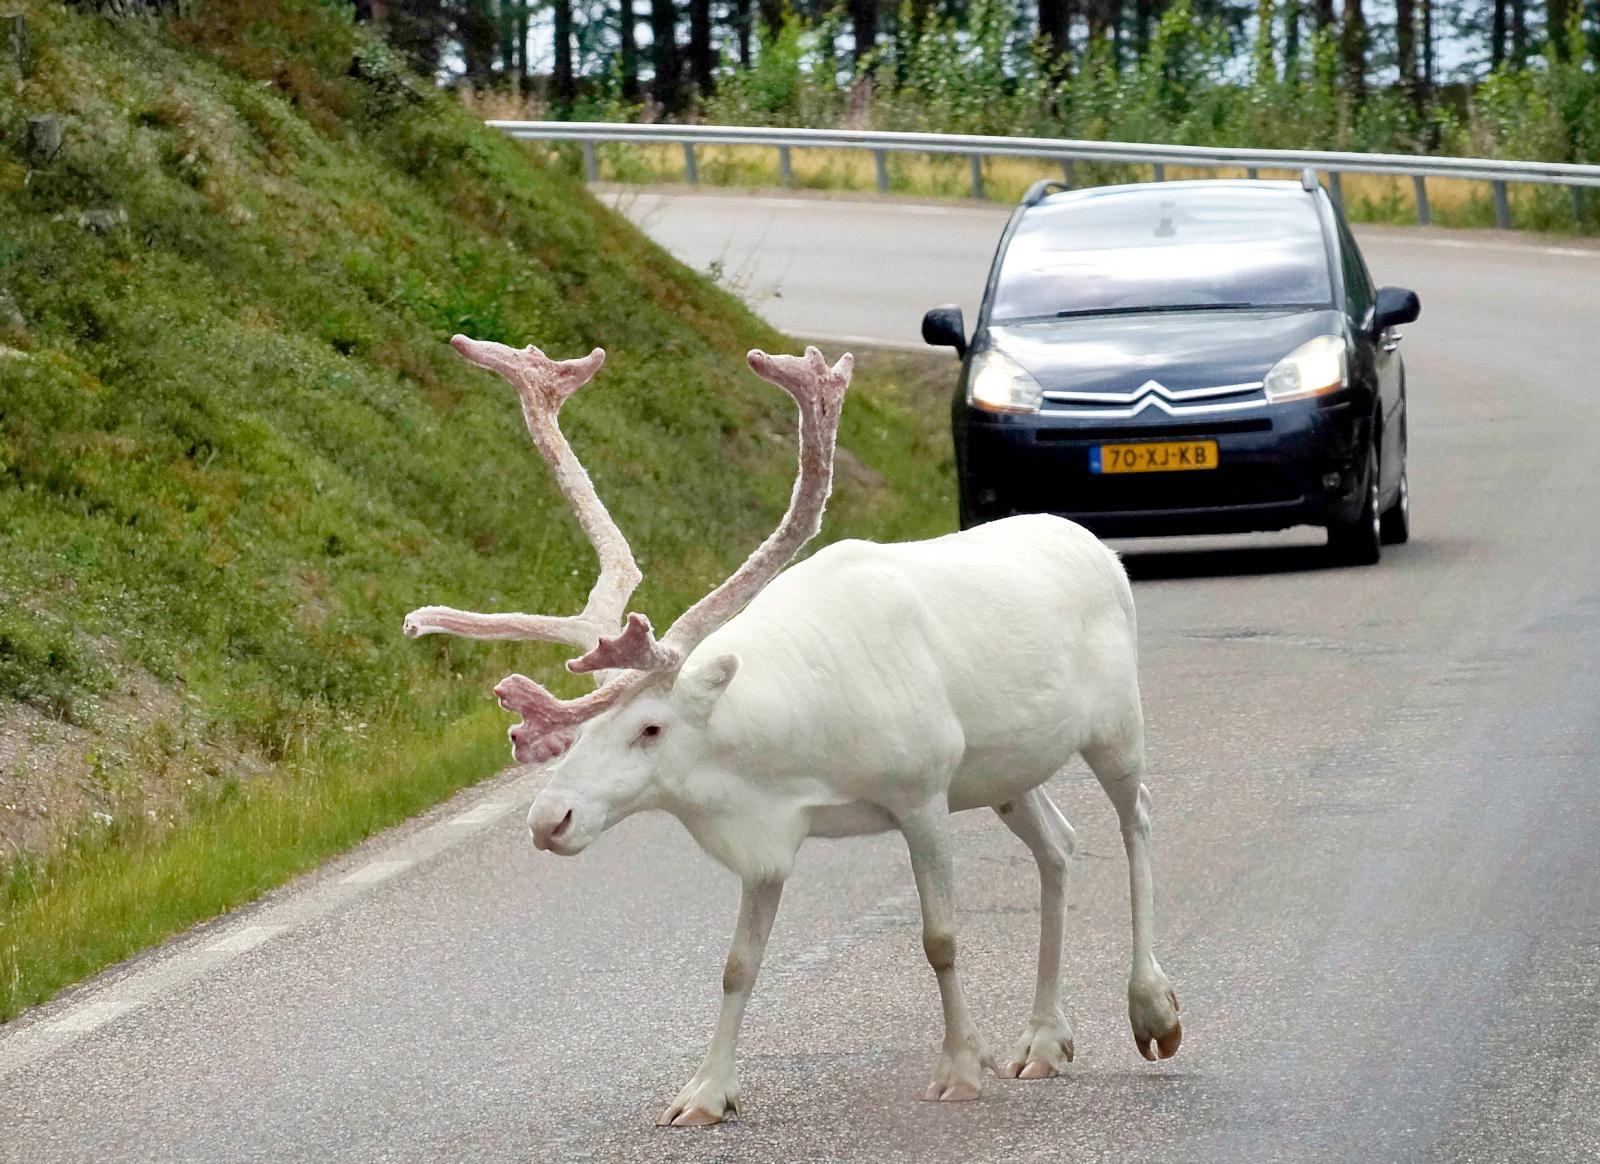 Enligt  samisk tro kan en vit ren komma med budskap. Kanske vill den tipsa om fiskemuseet i Tännäs?